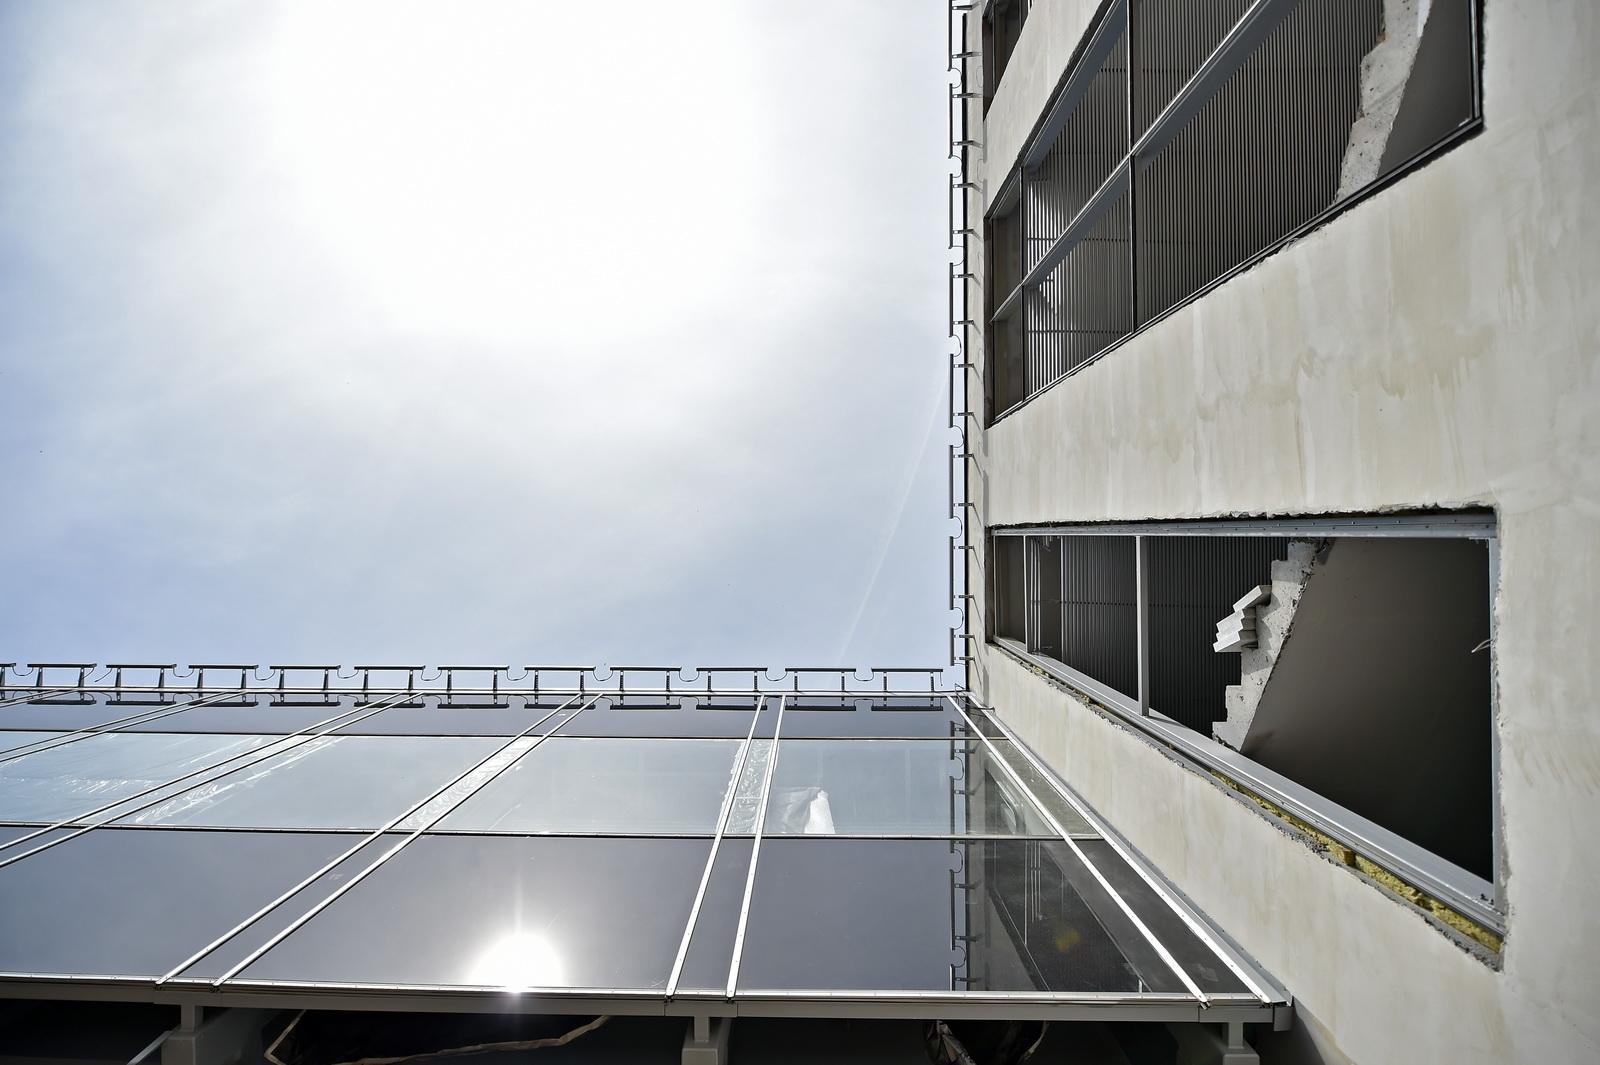 Для посетителей «Острова мечты» открыли переход с траволаторами. Фото: сайт Комплекс градостроительной политики и строительства города Москвы